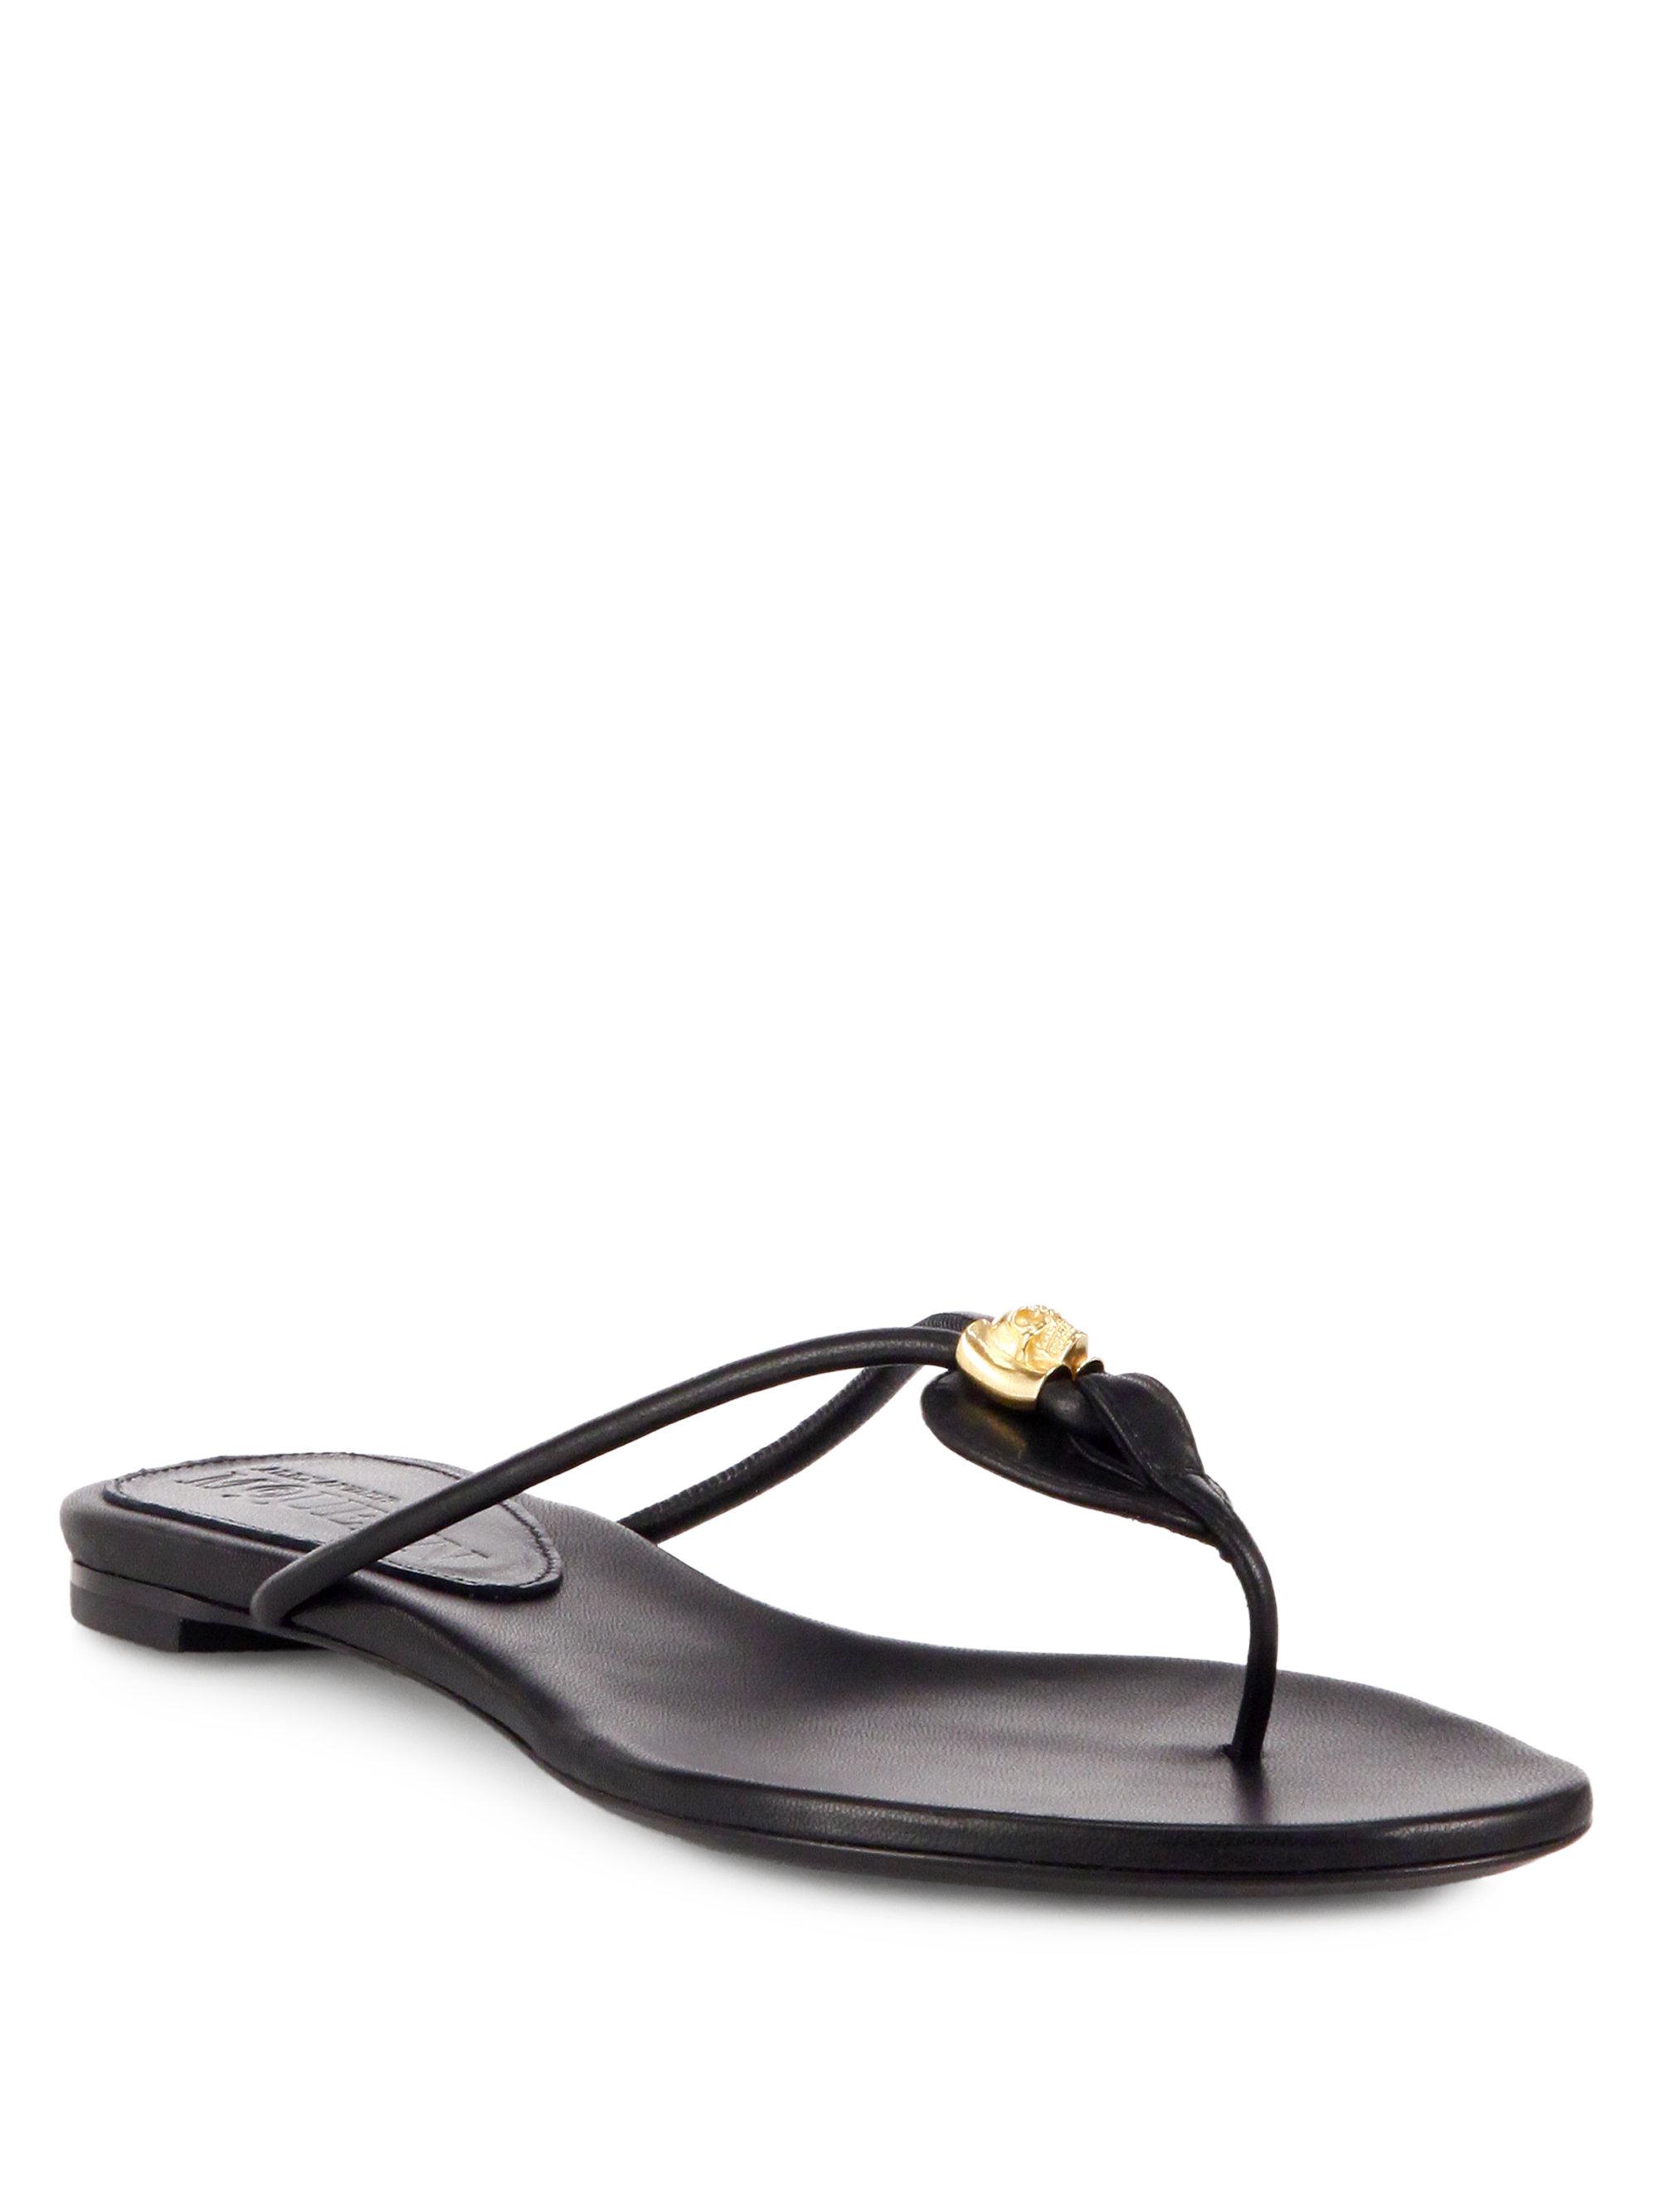 Alexander McQueen Leather Flip Flops YNlAsR